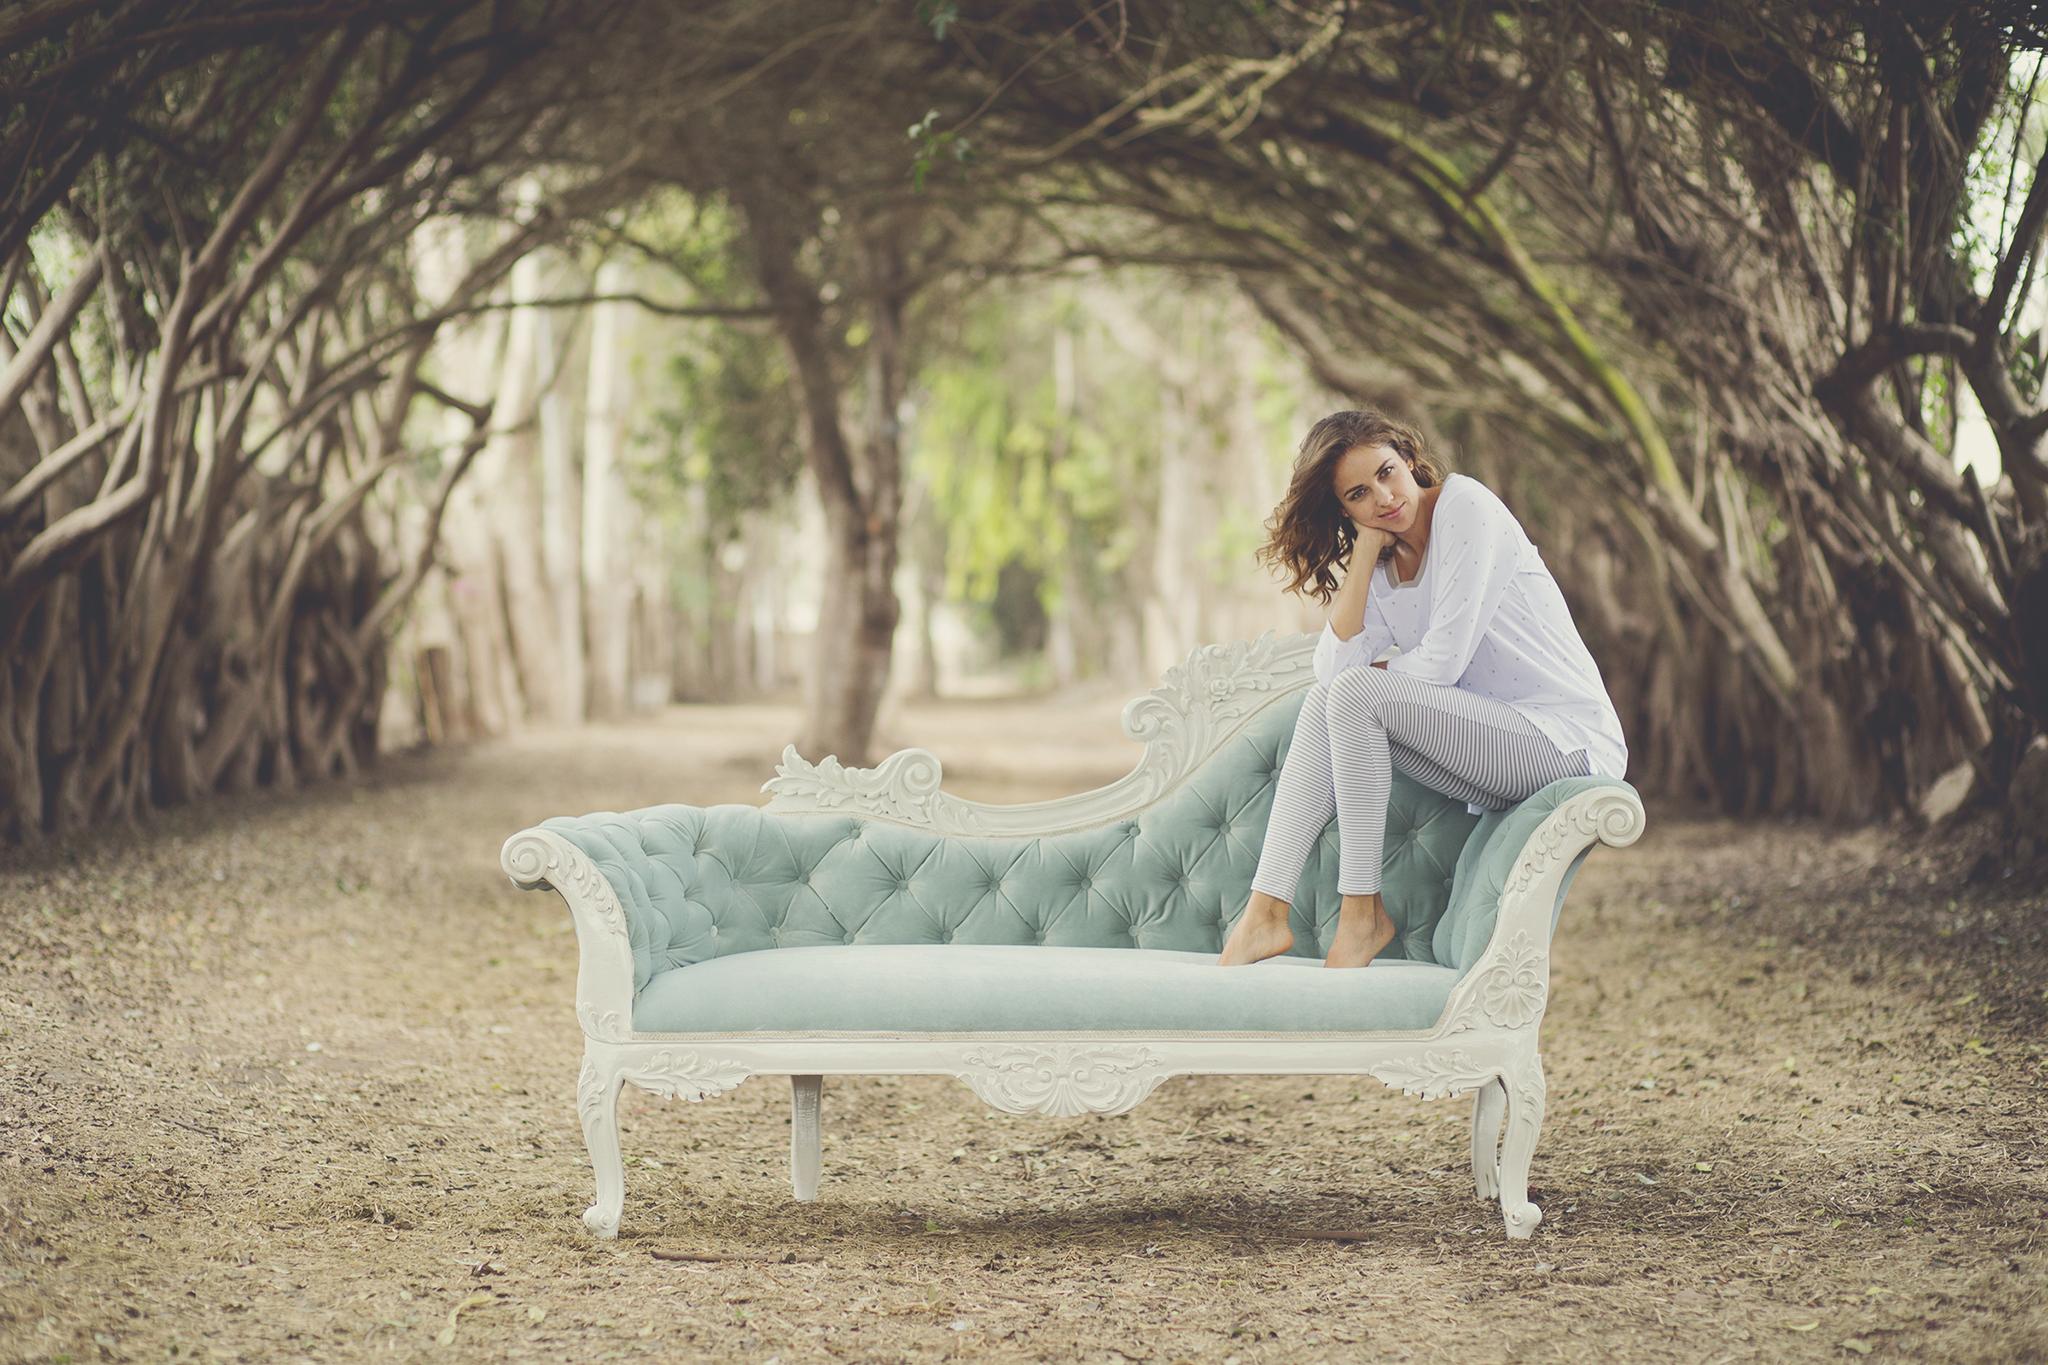 Este es el tercer año que trabajamos para JIJAMAS, una marca de pijamas hechas en Perú que se exportan a USA dirigido en su mayoría para un público norteamericano. Compartimos algunas fotos de la sesión de este año y algunas del año pasado. Abajo de este post, el video que también les hicimos. Modelo: Andrea Hidalgo Producción 2016: Yashmine Cahuas Maquillaje: Magaly Perez